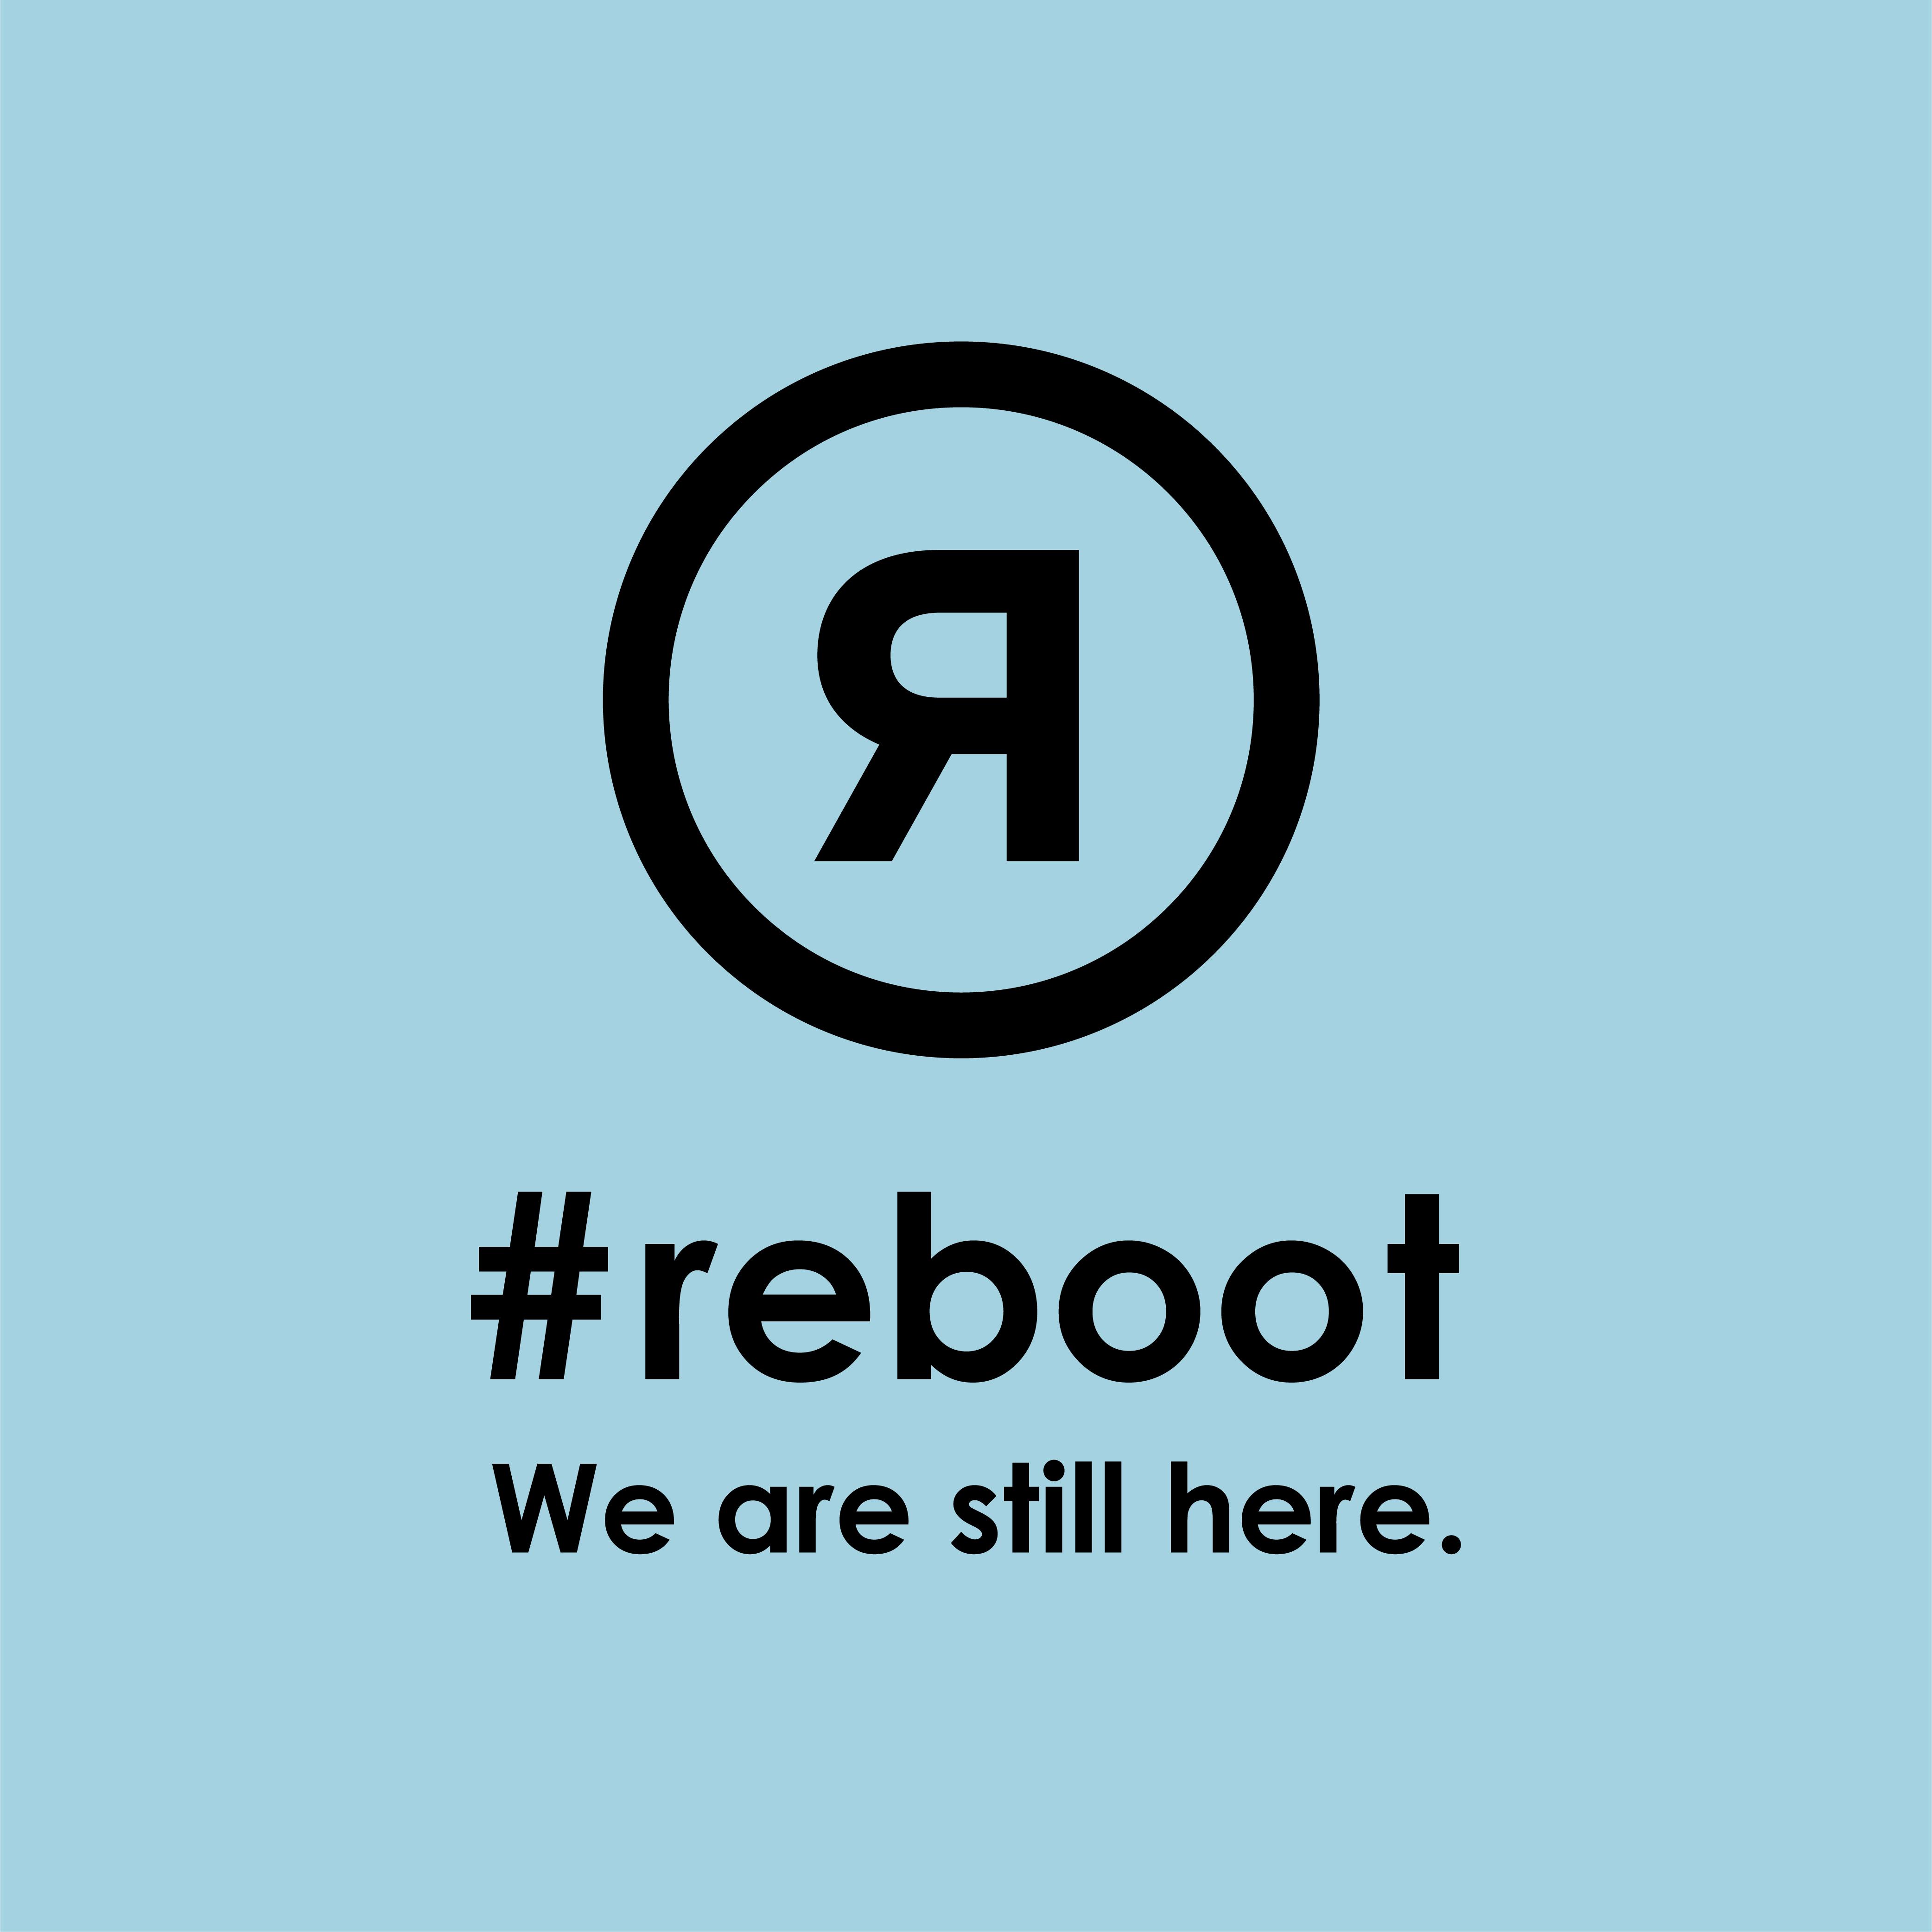 #rebootステッカー ブルー